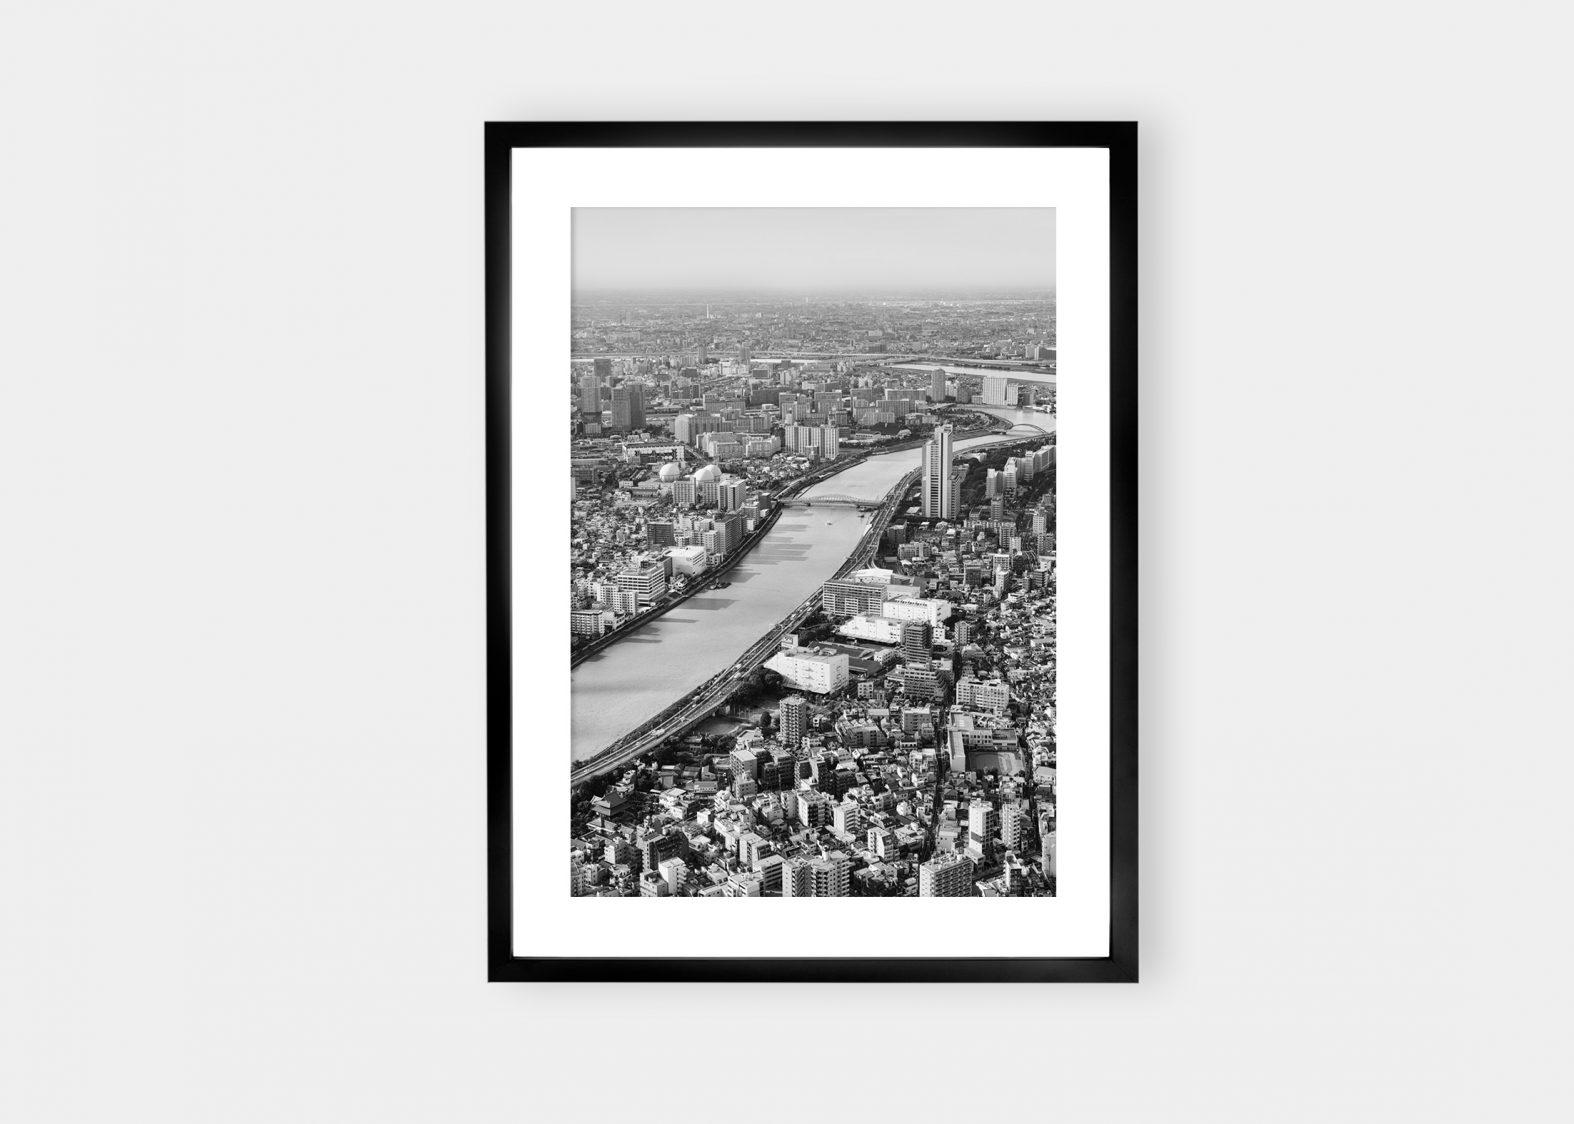 Sumida | Fine Art Landskapsfotografi av Fotograf Stian Gregersen